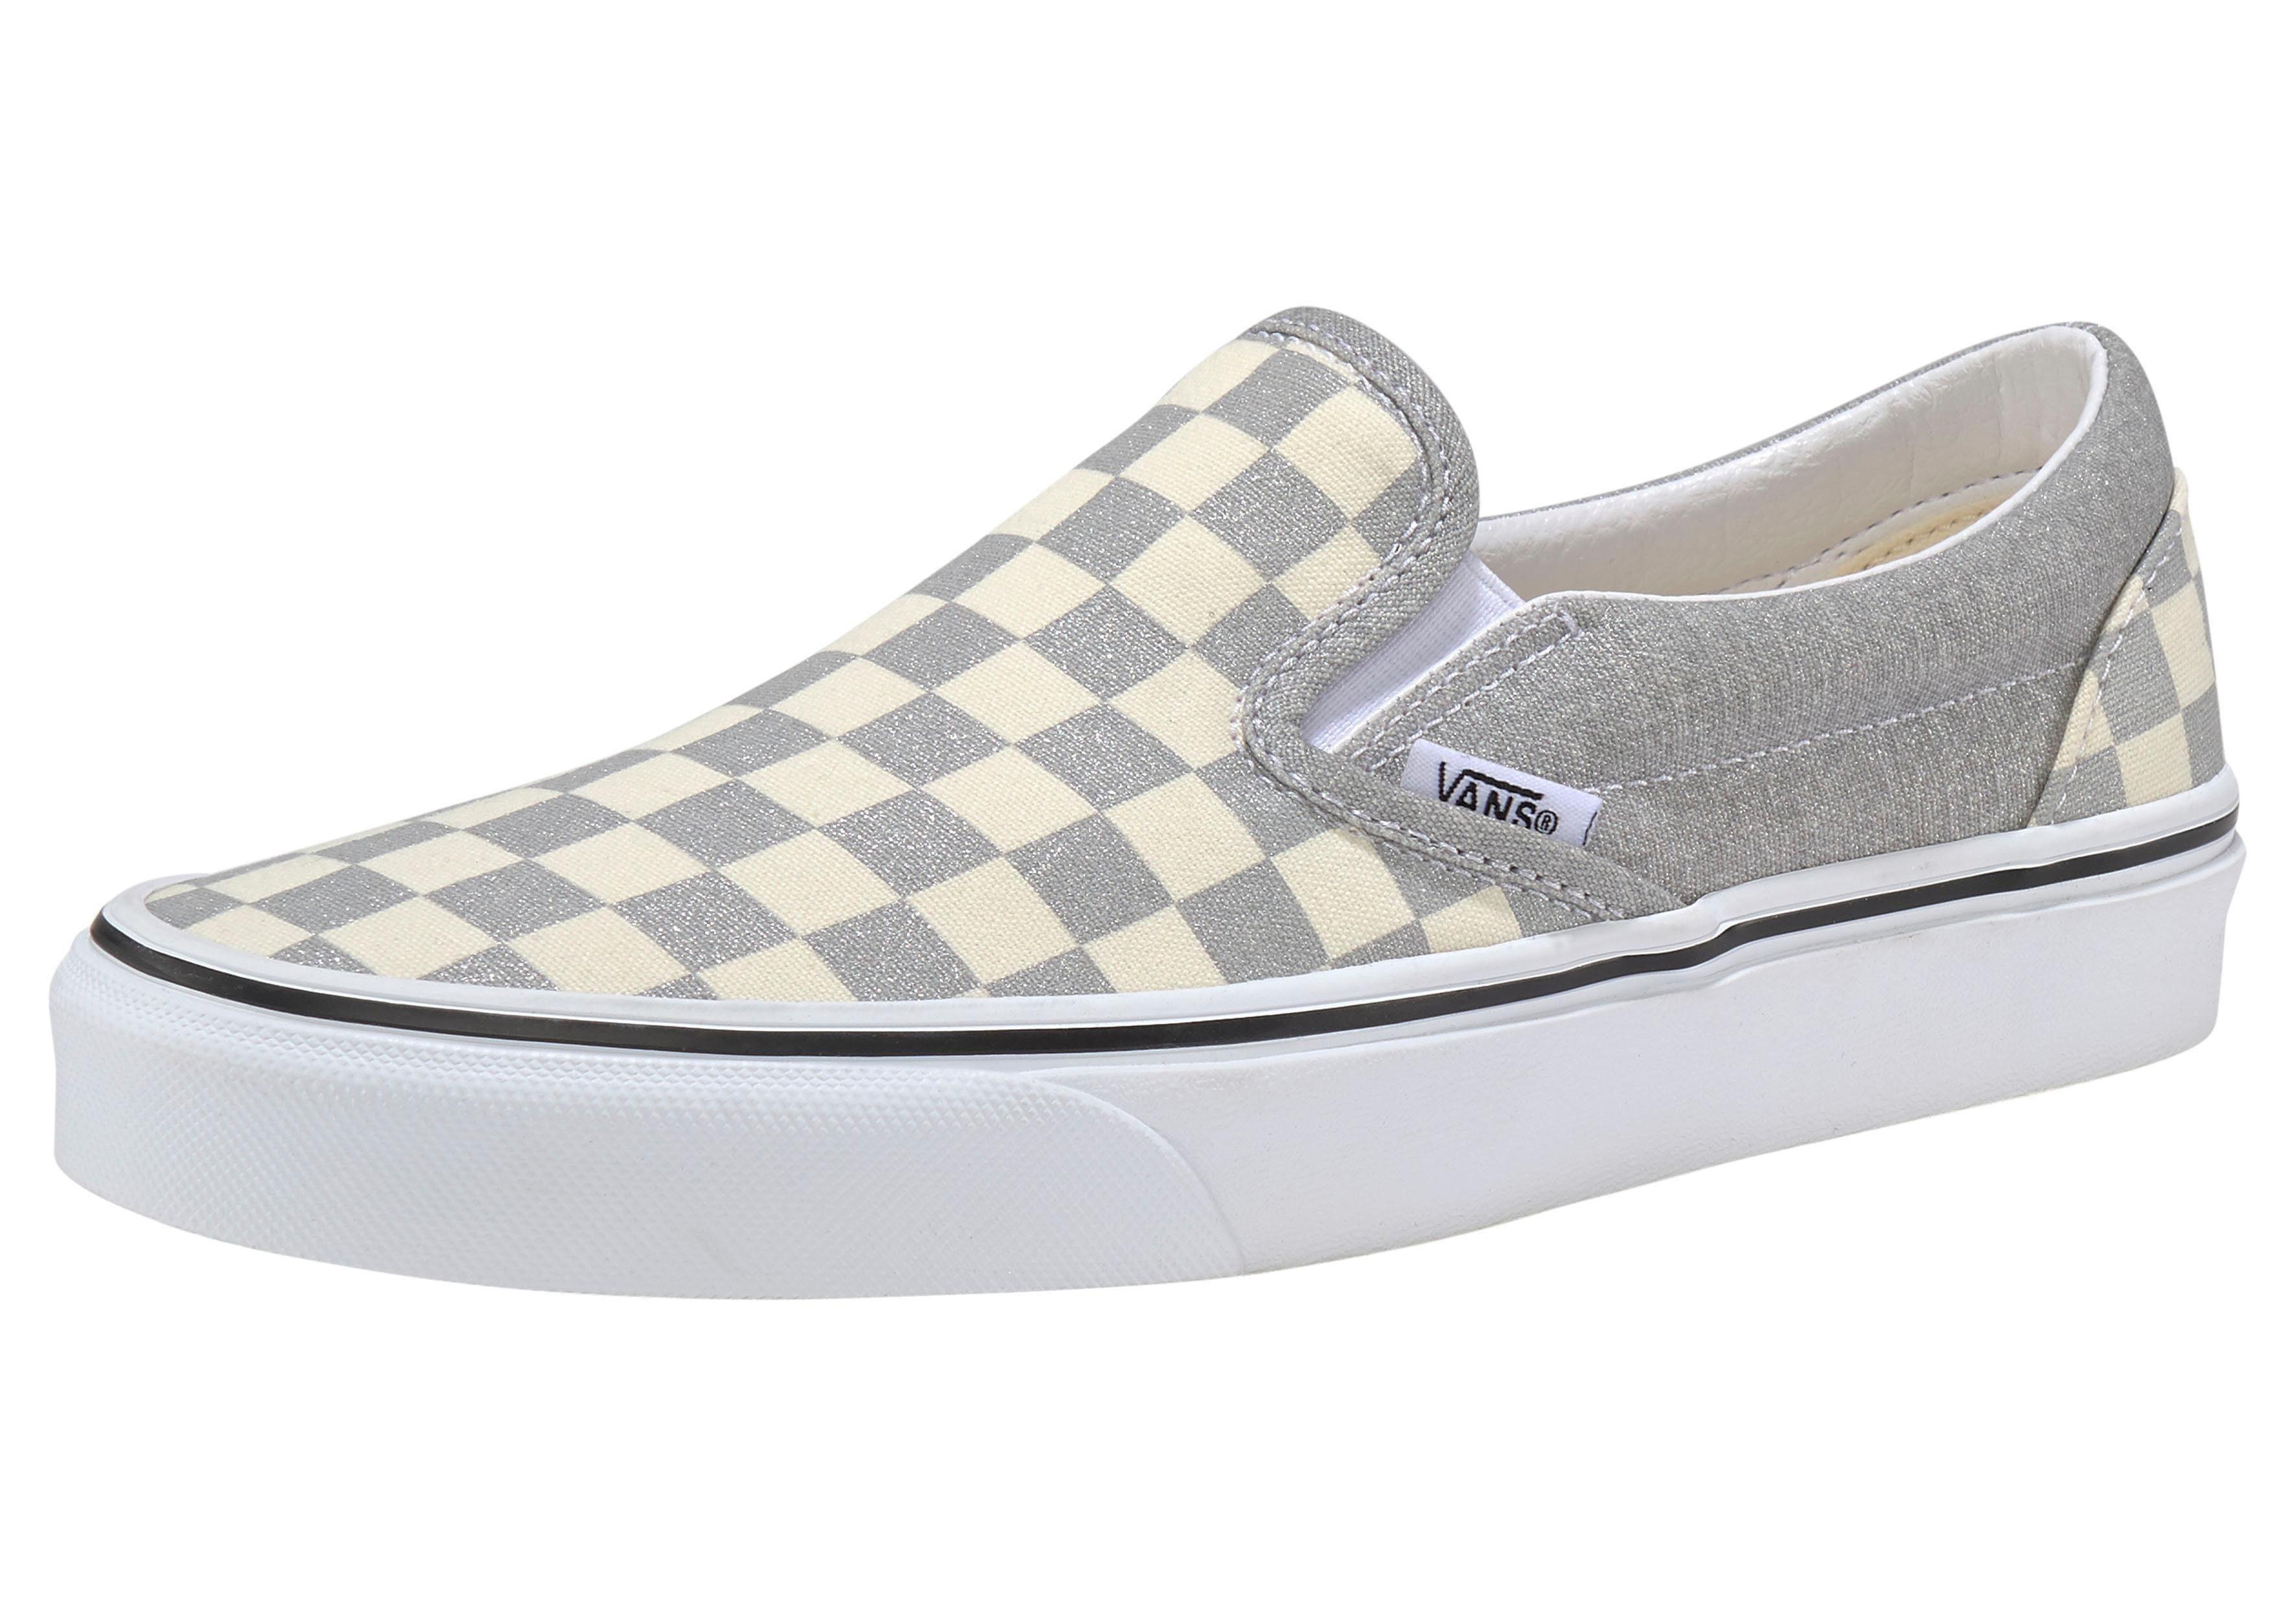 Vans »Checkerboard Classic Slip On« Slip On Sneaker online kaufen | OTTO